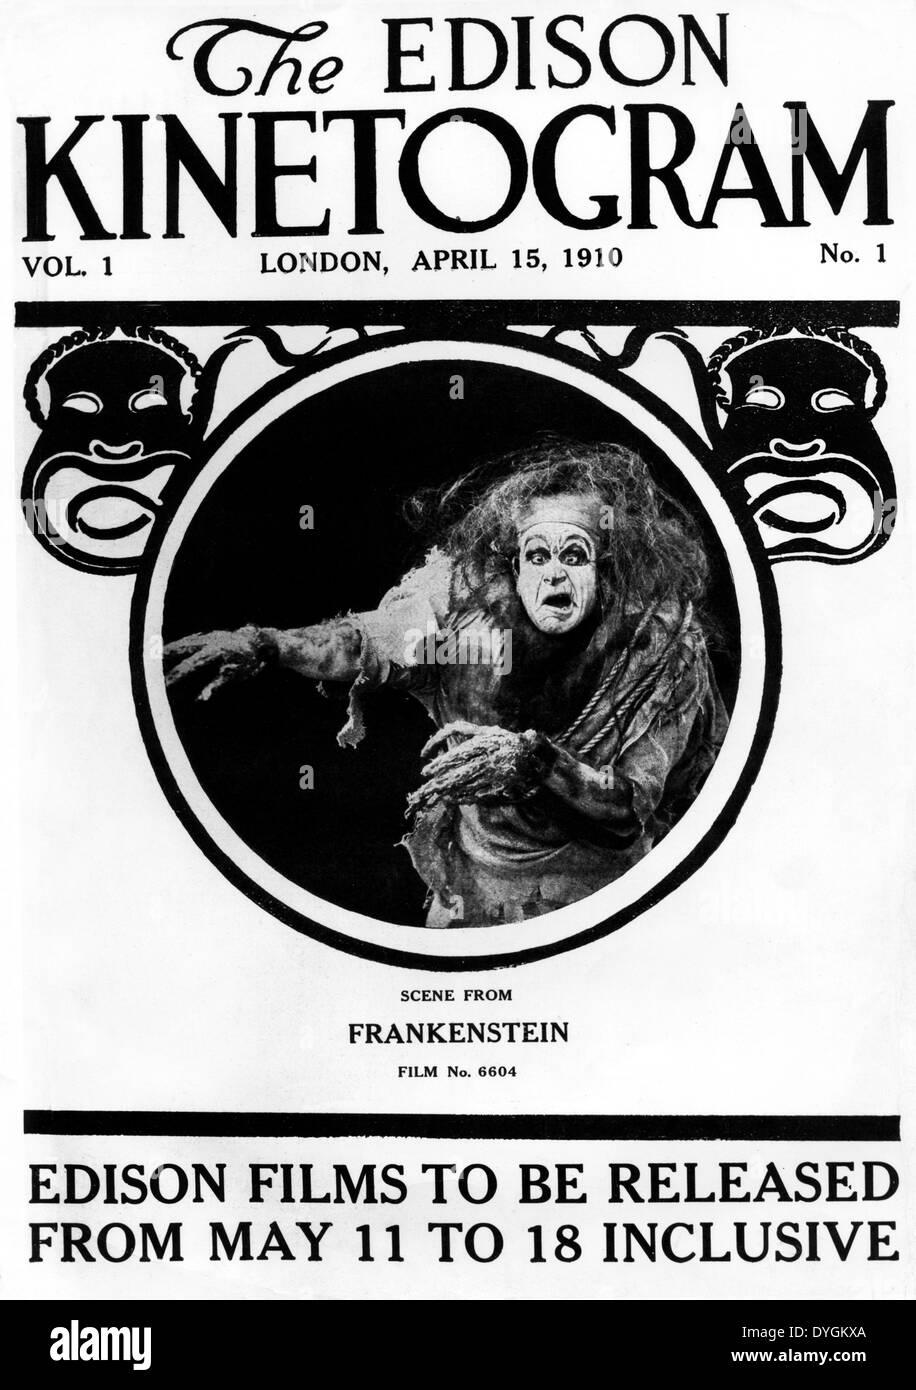 Frankenstein (1910) j searle dawley (dir) anke 001 collezione moviestore ltd Immagini Stock